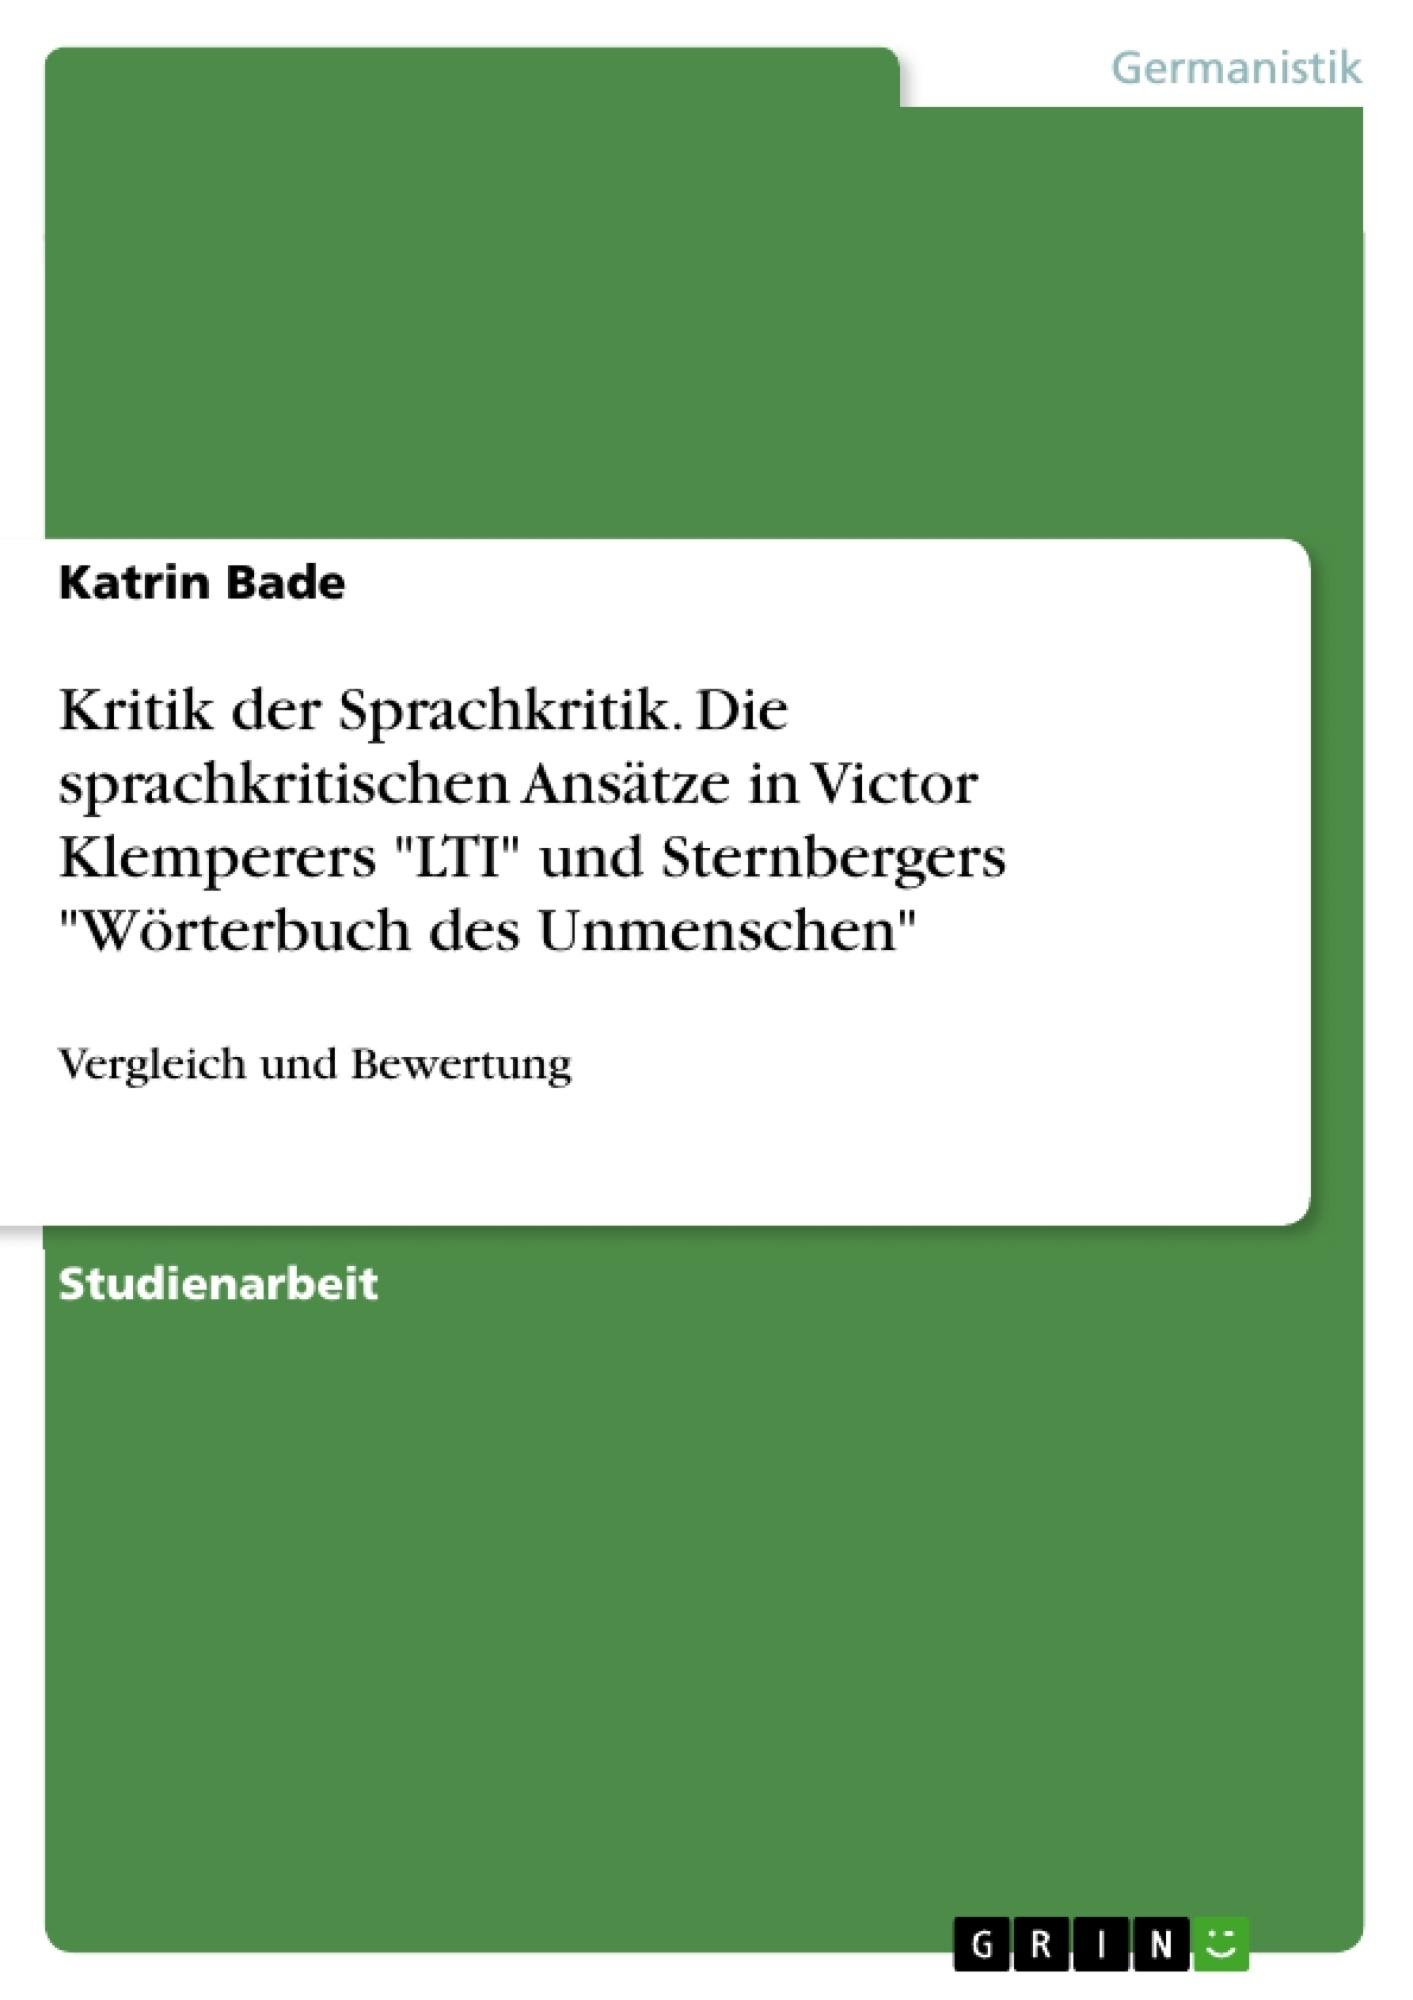 """Titel: Kritik der Sprachkritik. Die sprachkritischen Ansätze in Victor Klemperers """"LTI"""" und Sternbergers """"Wörterbuch des Unmenschen"""""""